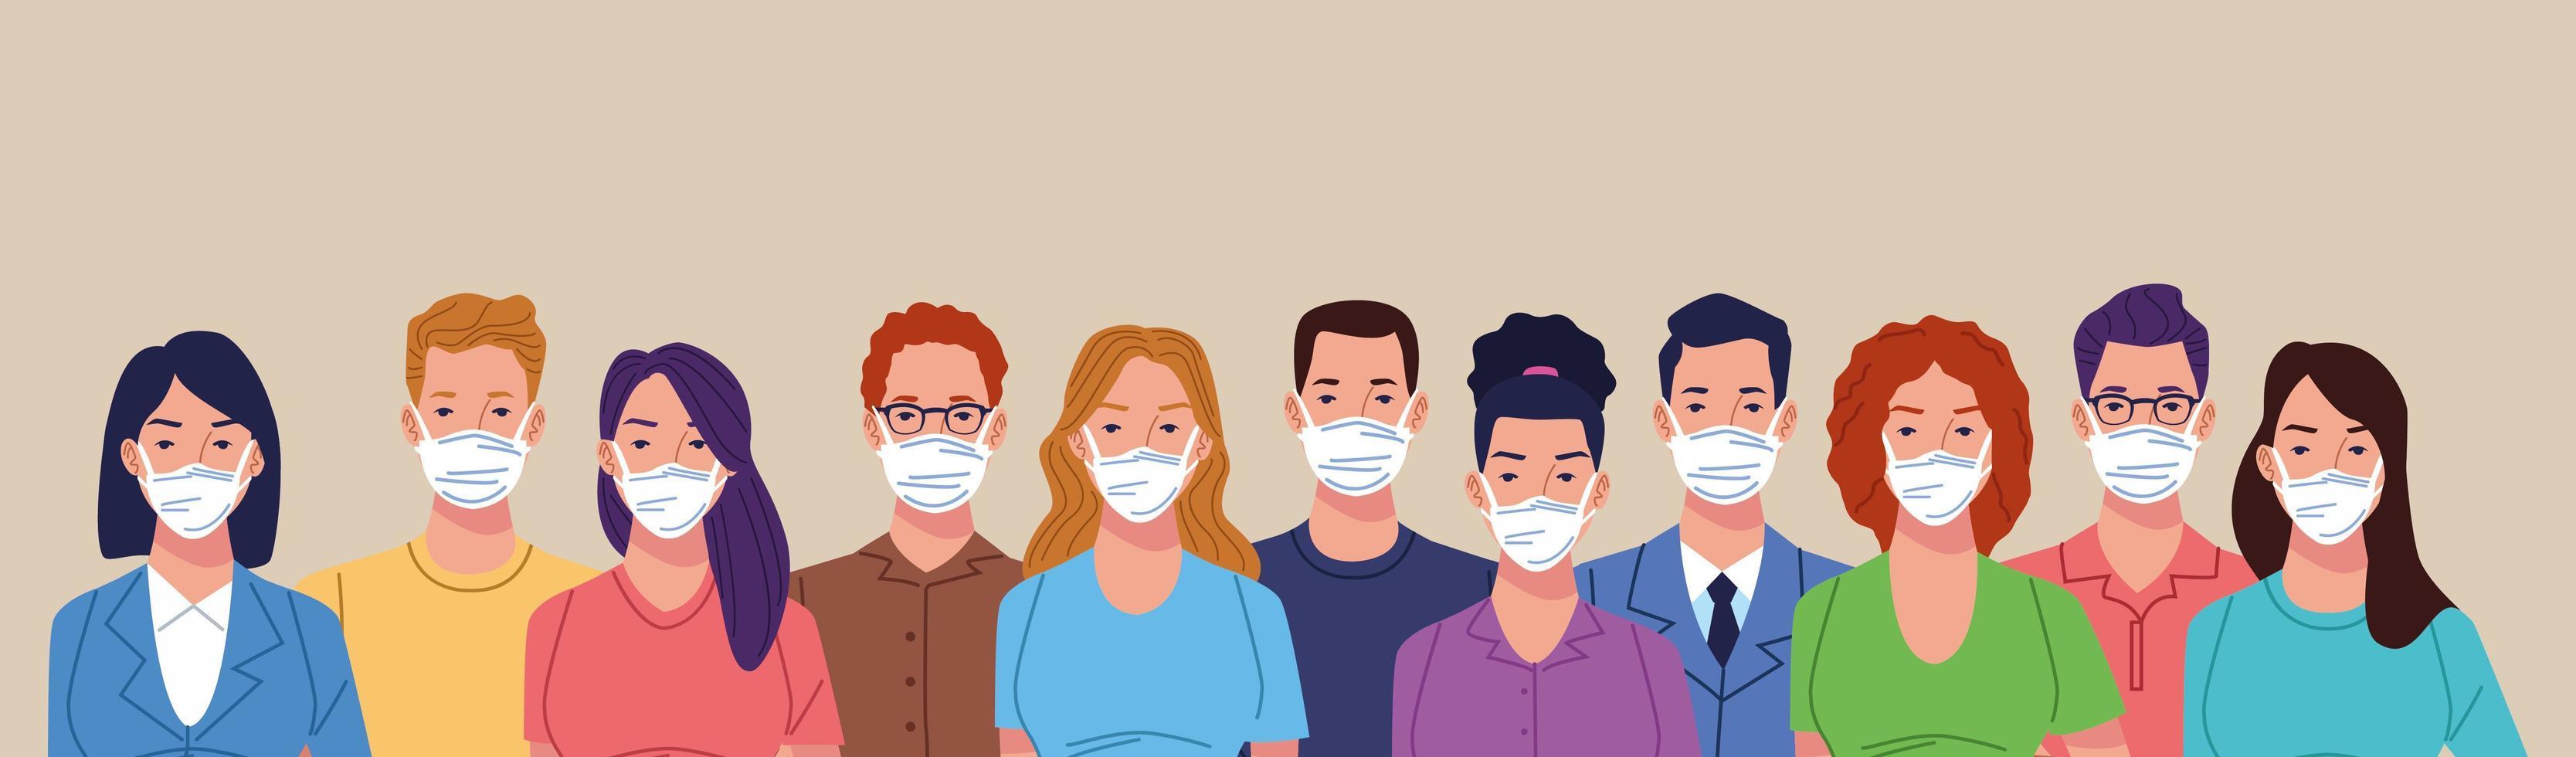 menigte van mensen die gezichtsmasker gebruiken voor coronavirus vector